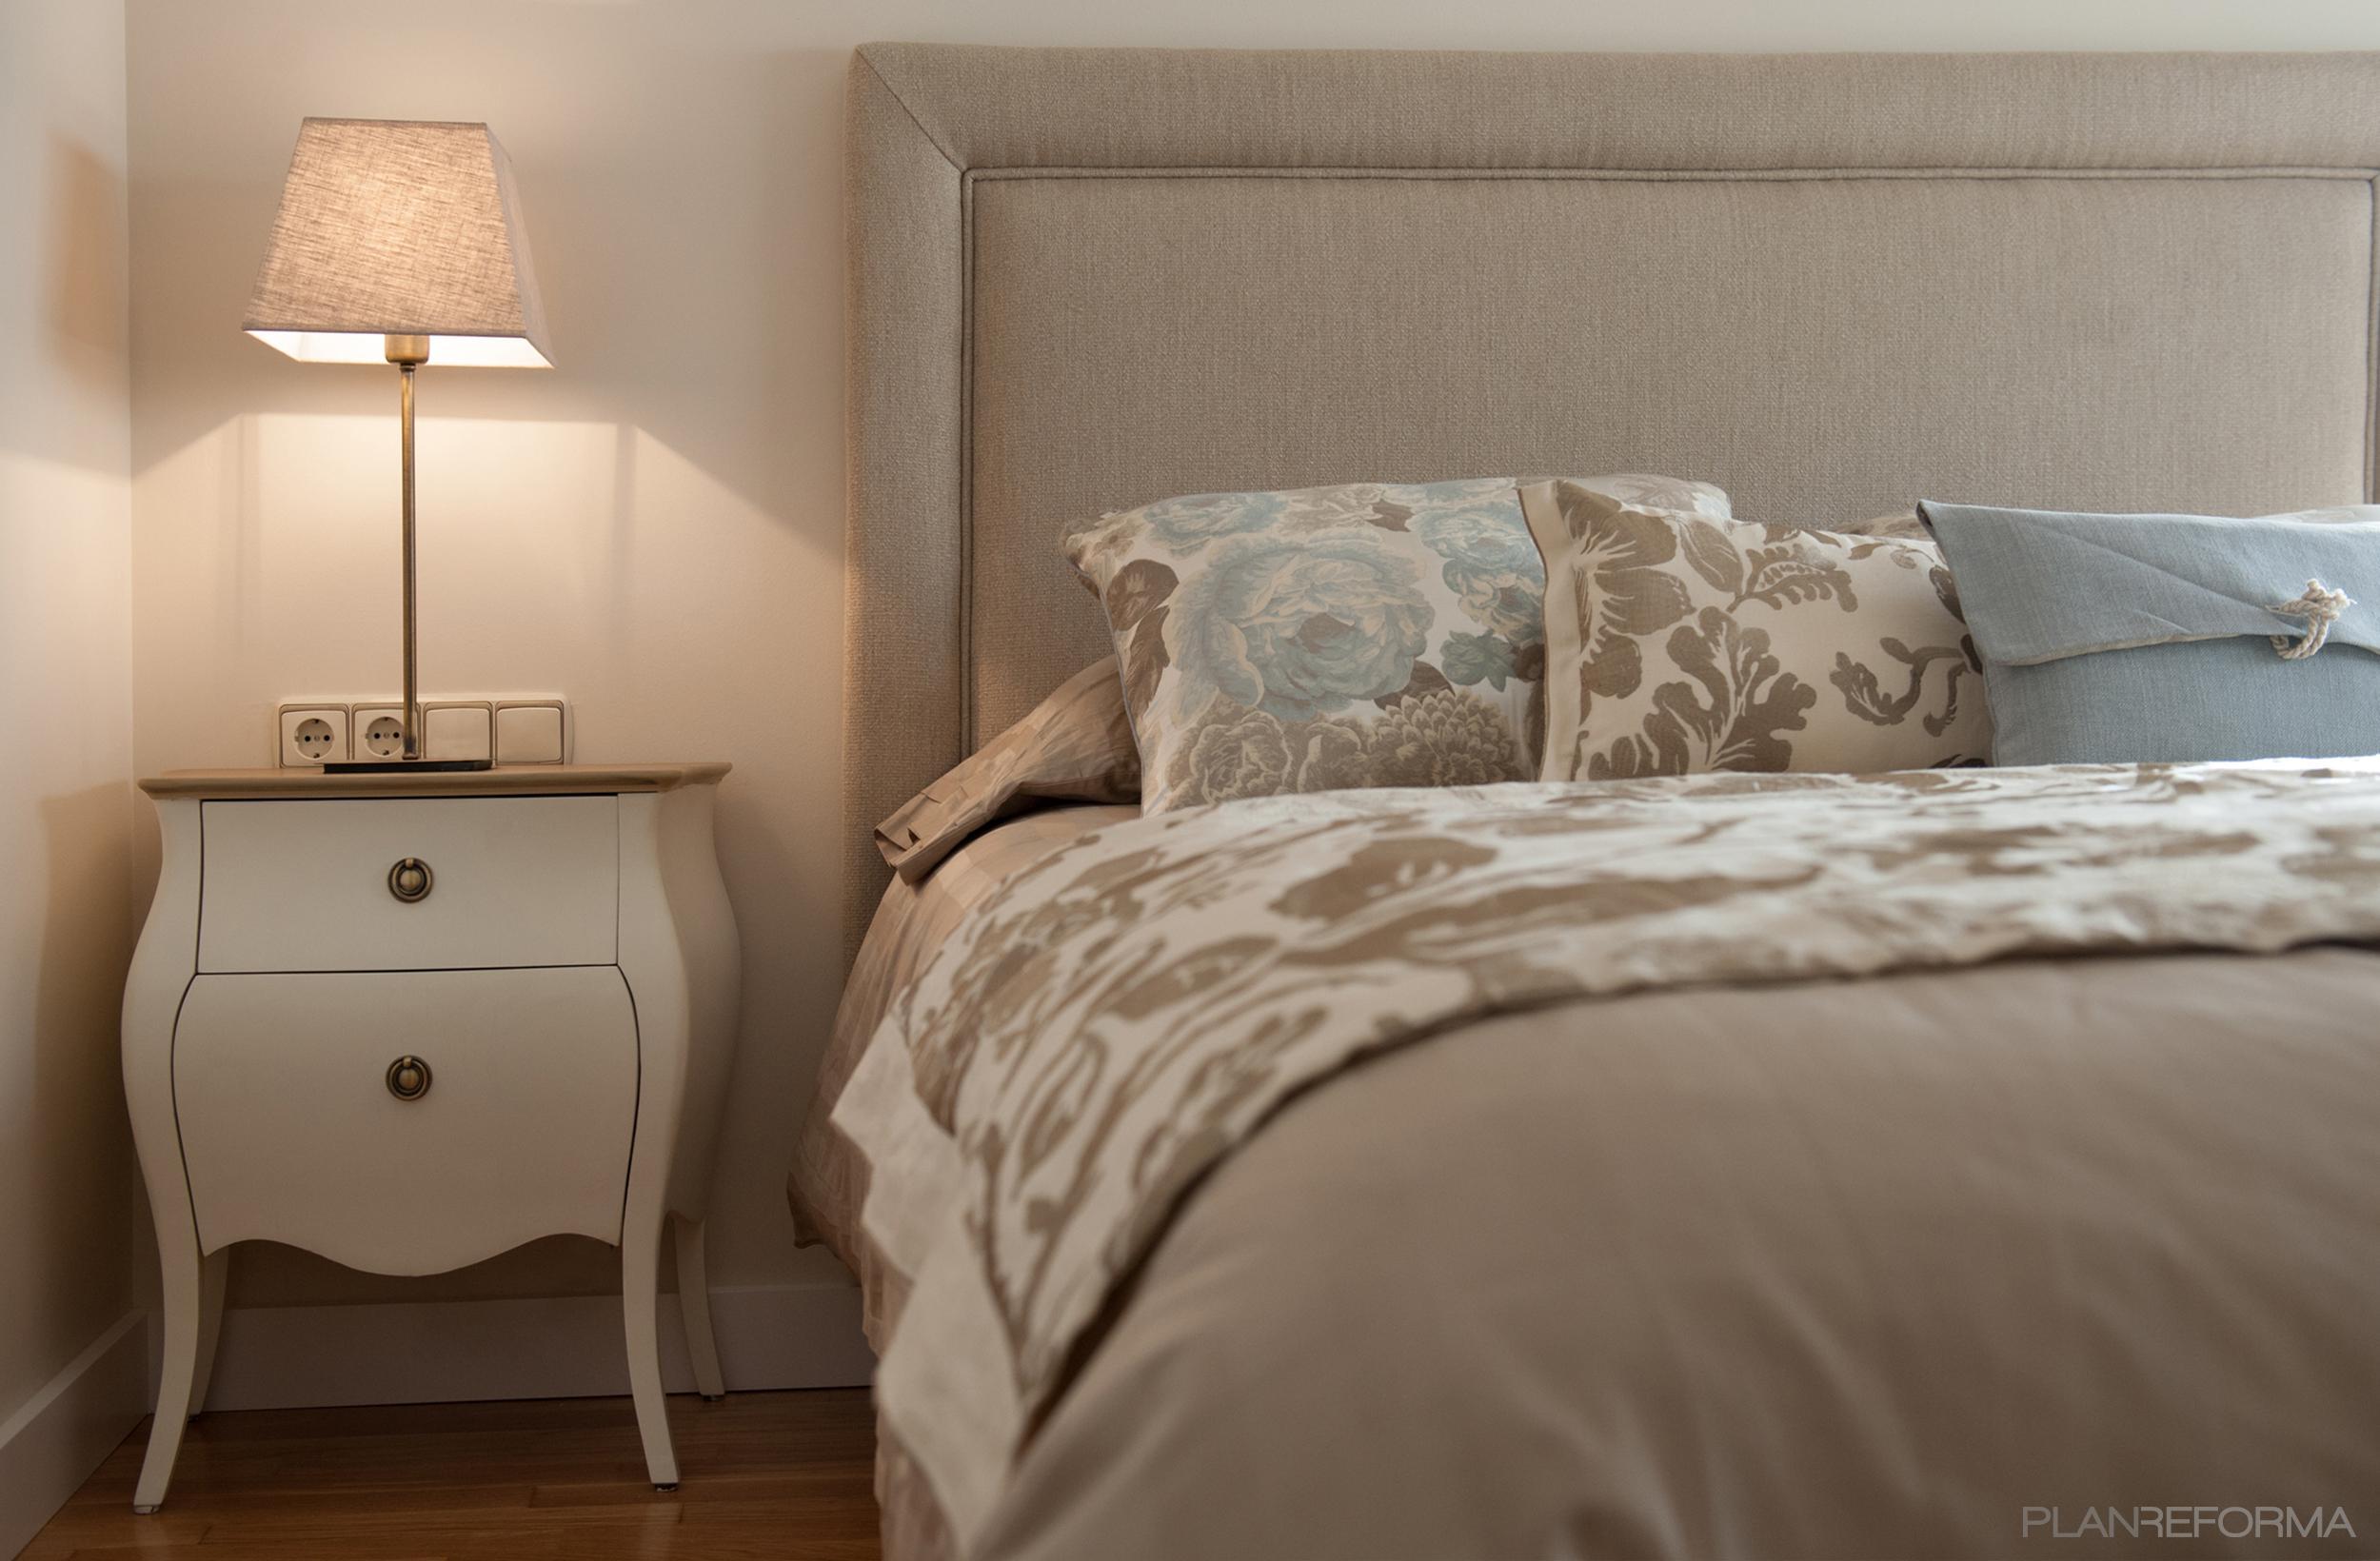 Dormitorio estilo contemporaneo color beige for Lamparas estilo contemporaneo